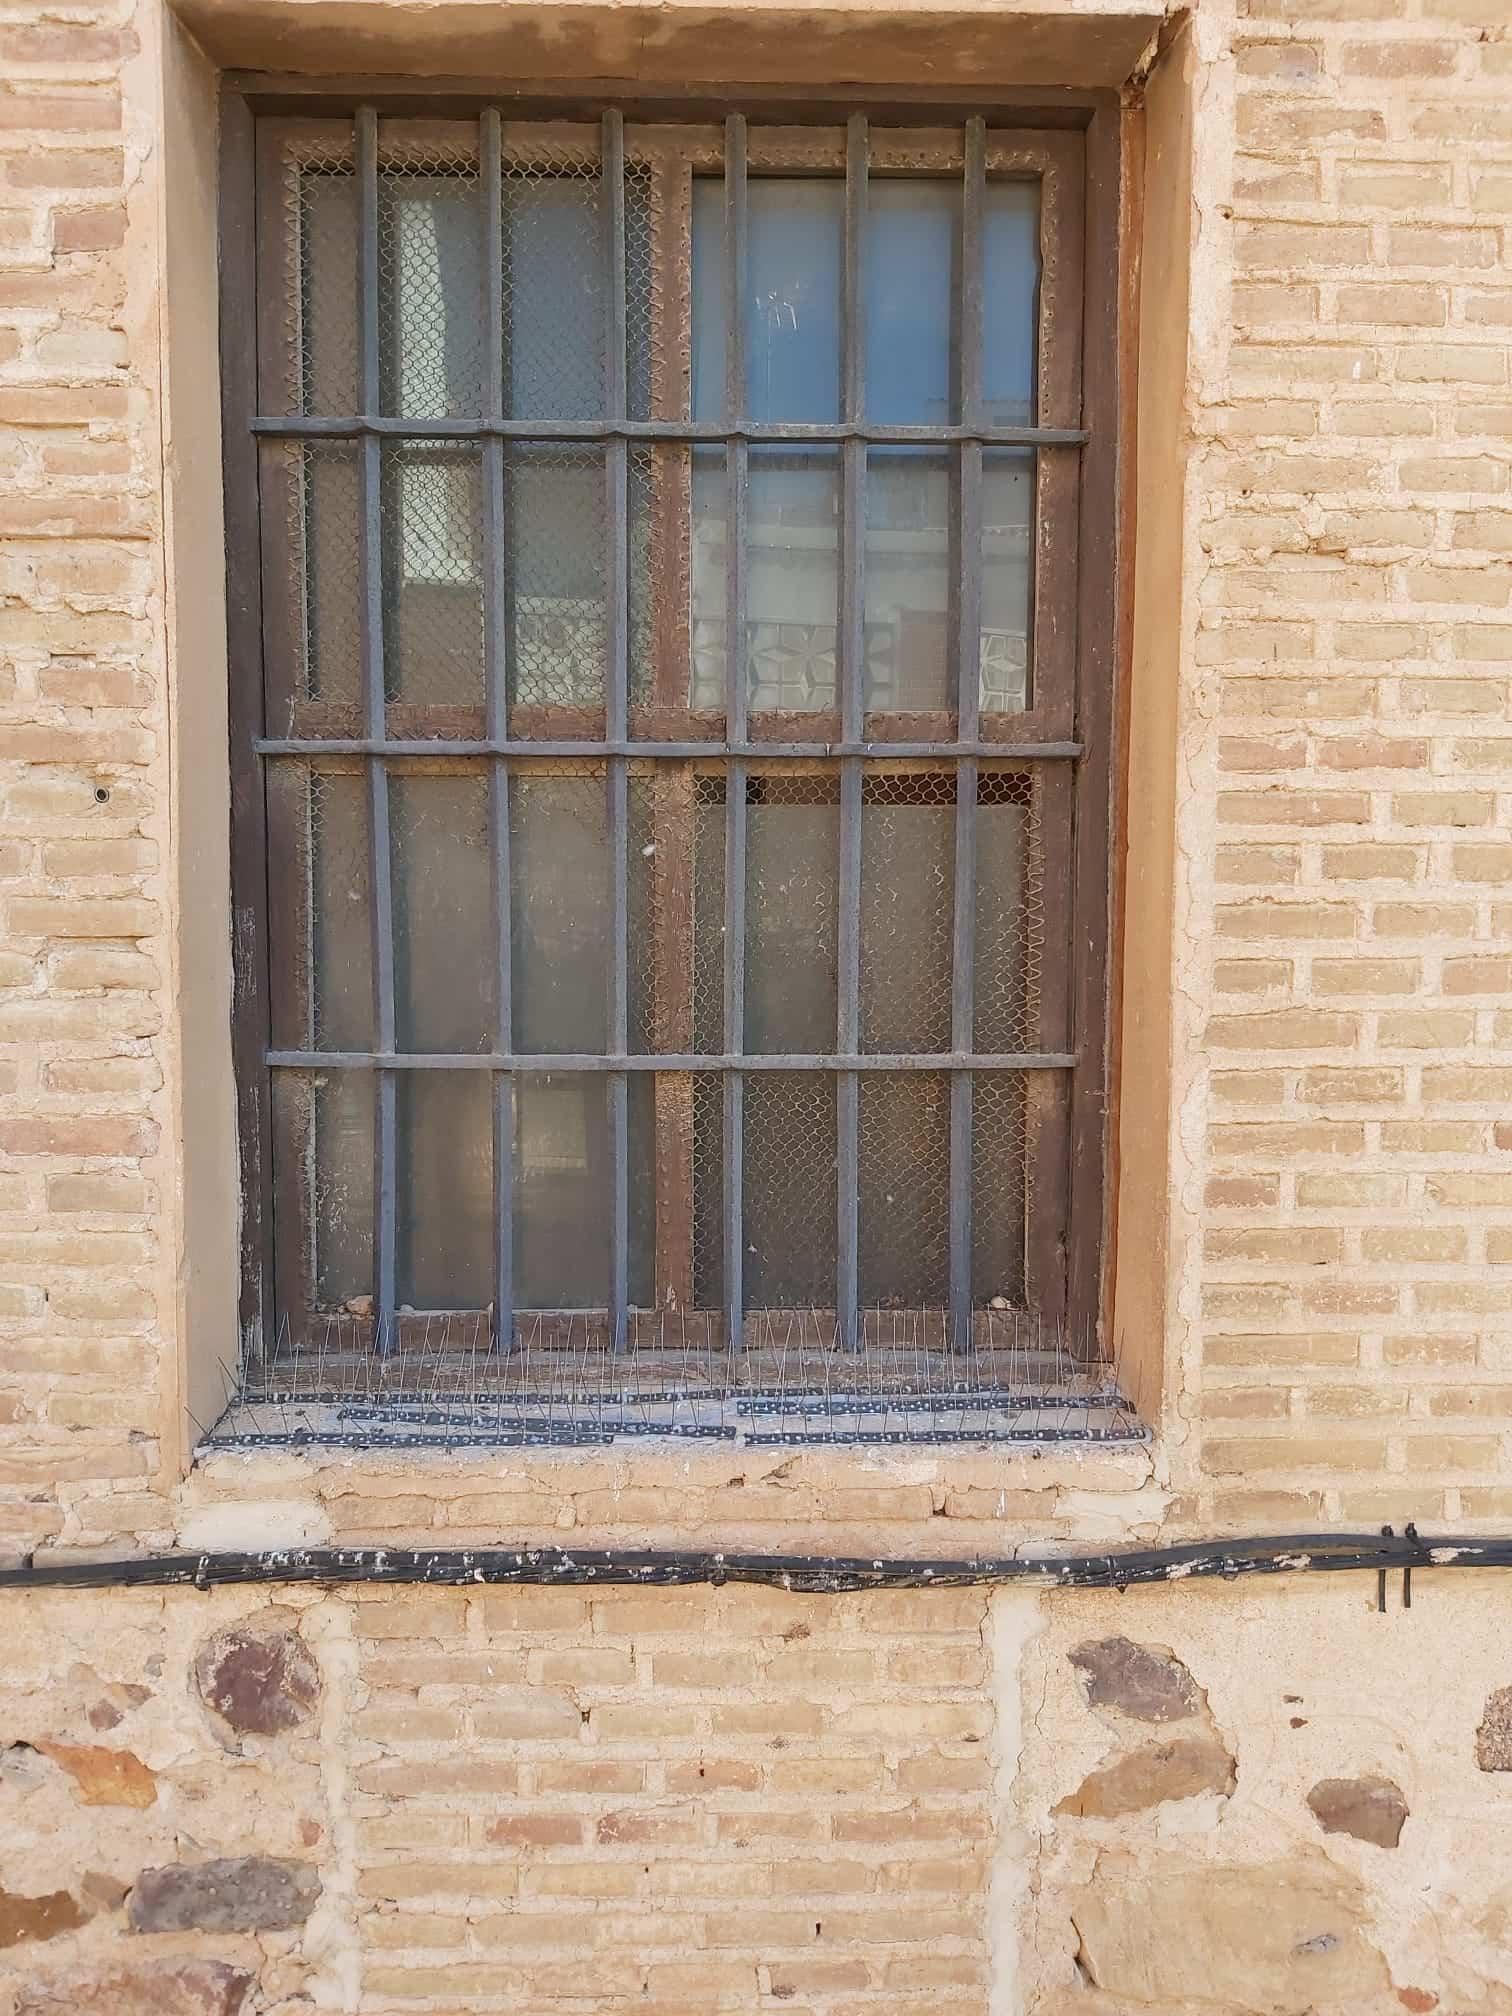 sistema antipalomas ventana herencia - Protegiendo el patrimonio con un sistema antipalomas en la Parroquia de Herencia